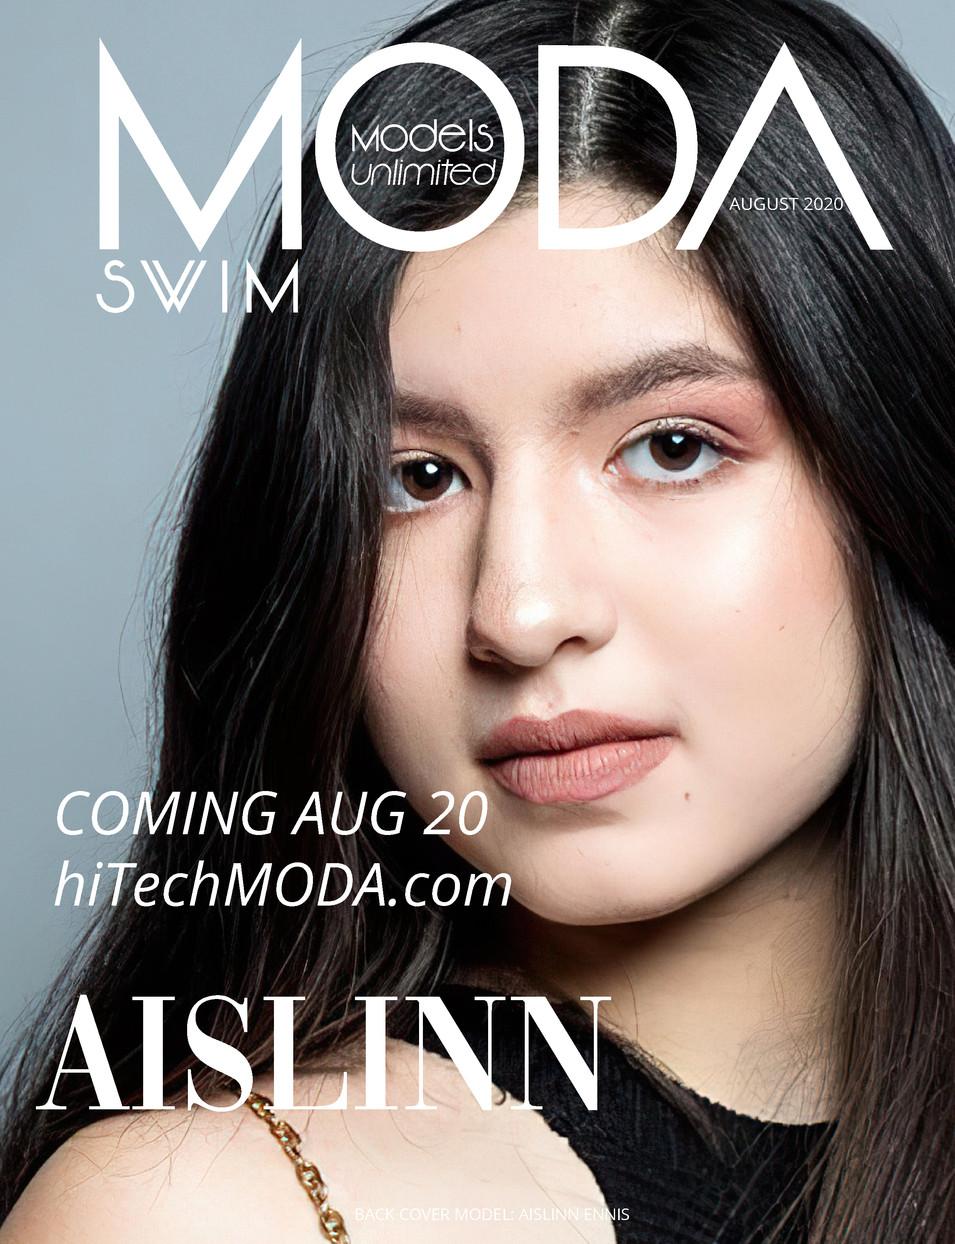 Moda Model Aislinn